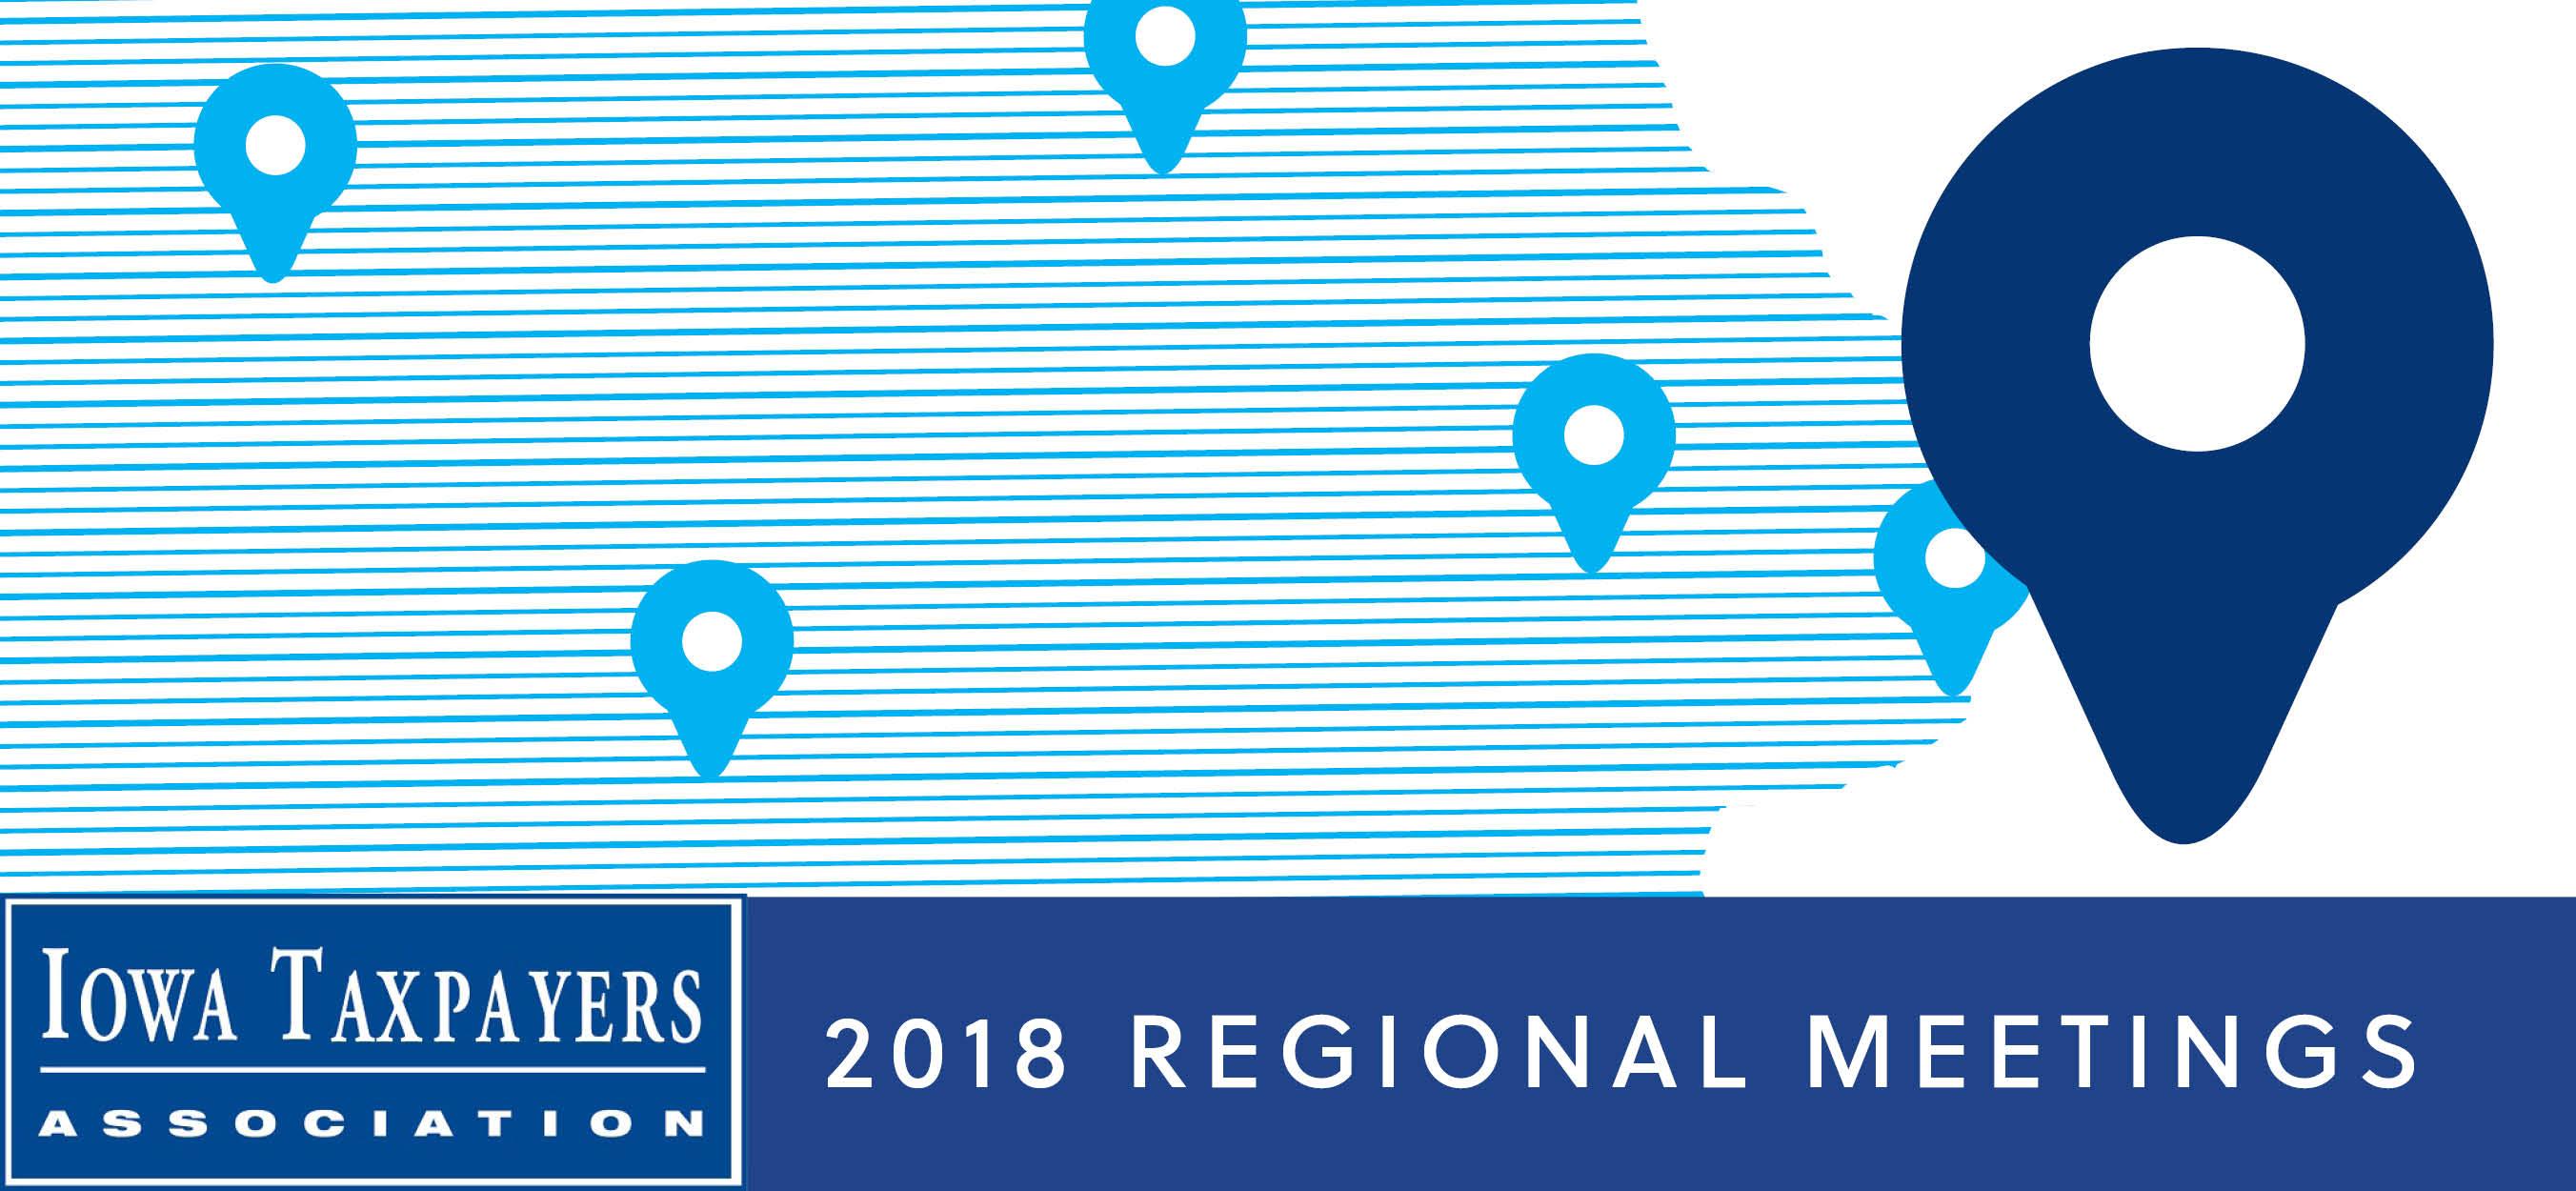 2018 ITA Regional Meetings